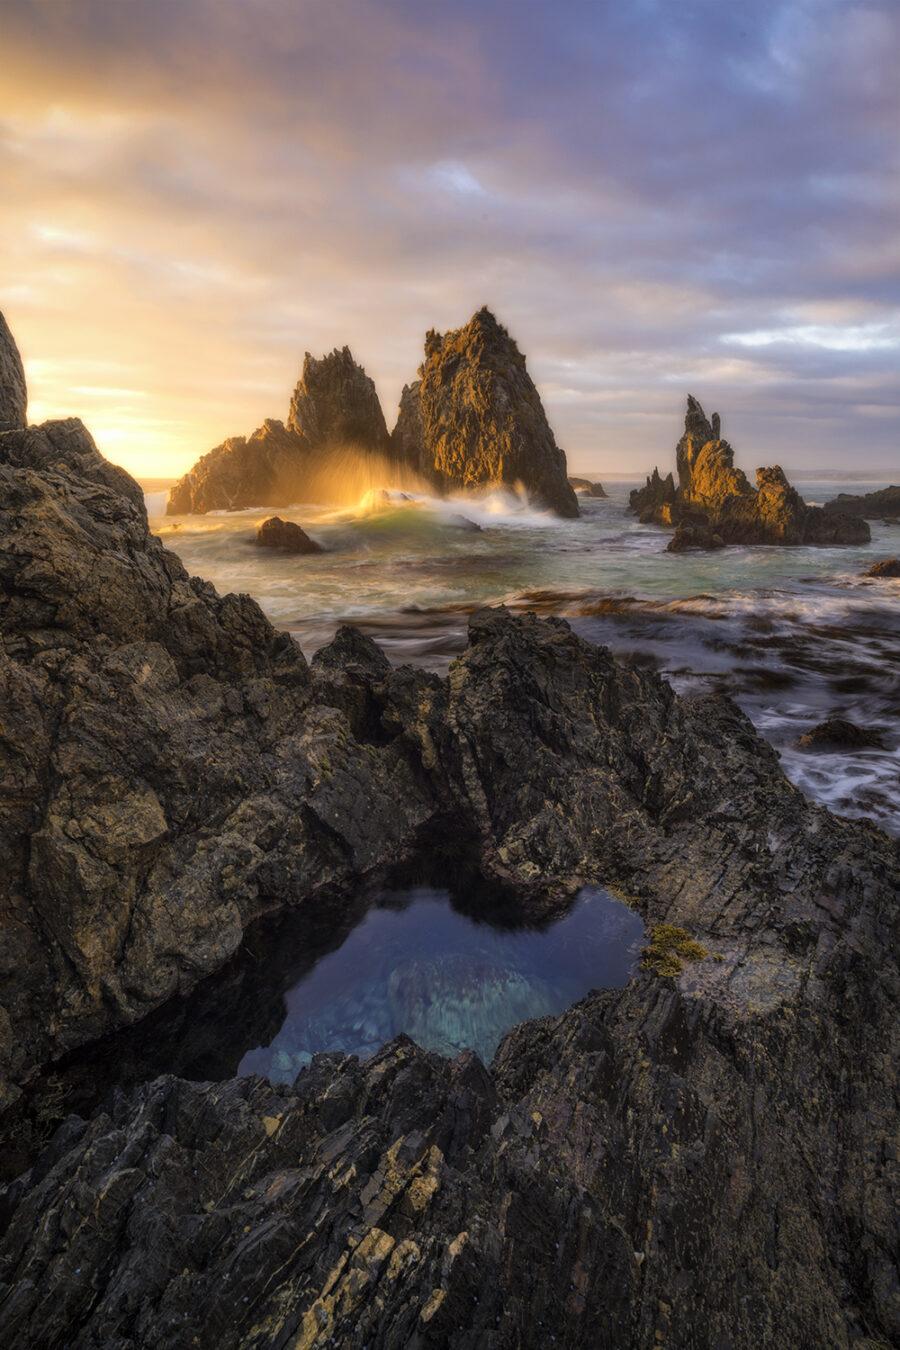 Sea stacks at dawn, Bermagui - Camel Rock